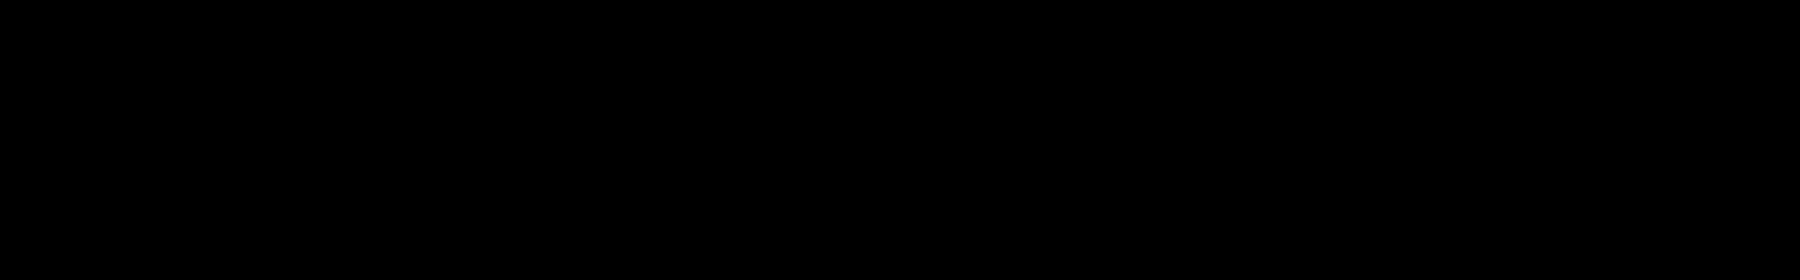 Gravity Loop Pack audio waveform